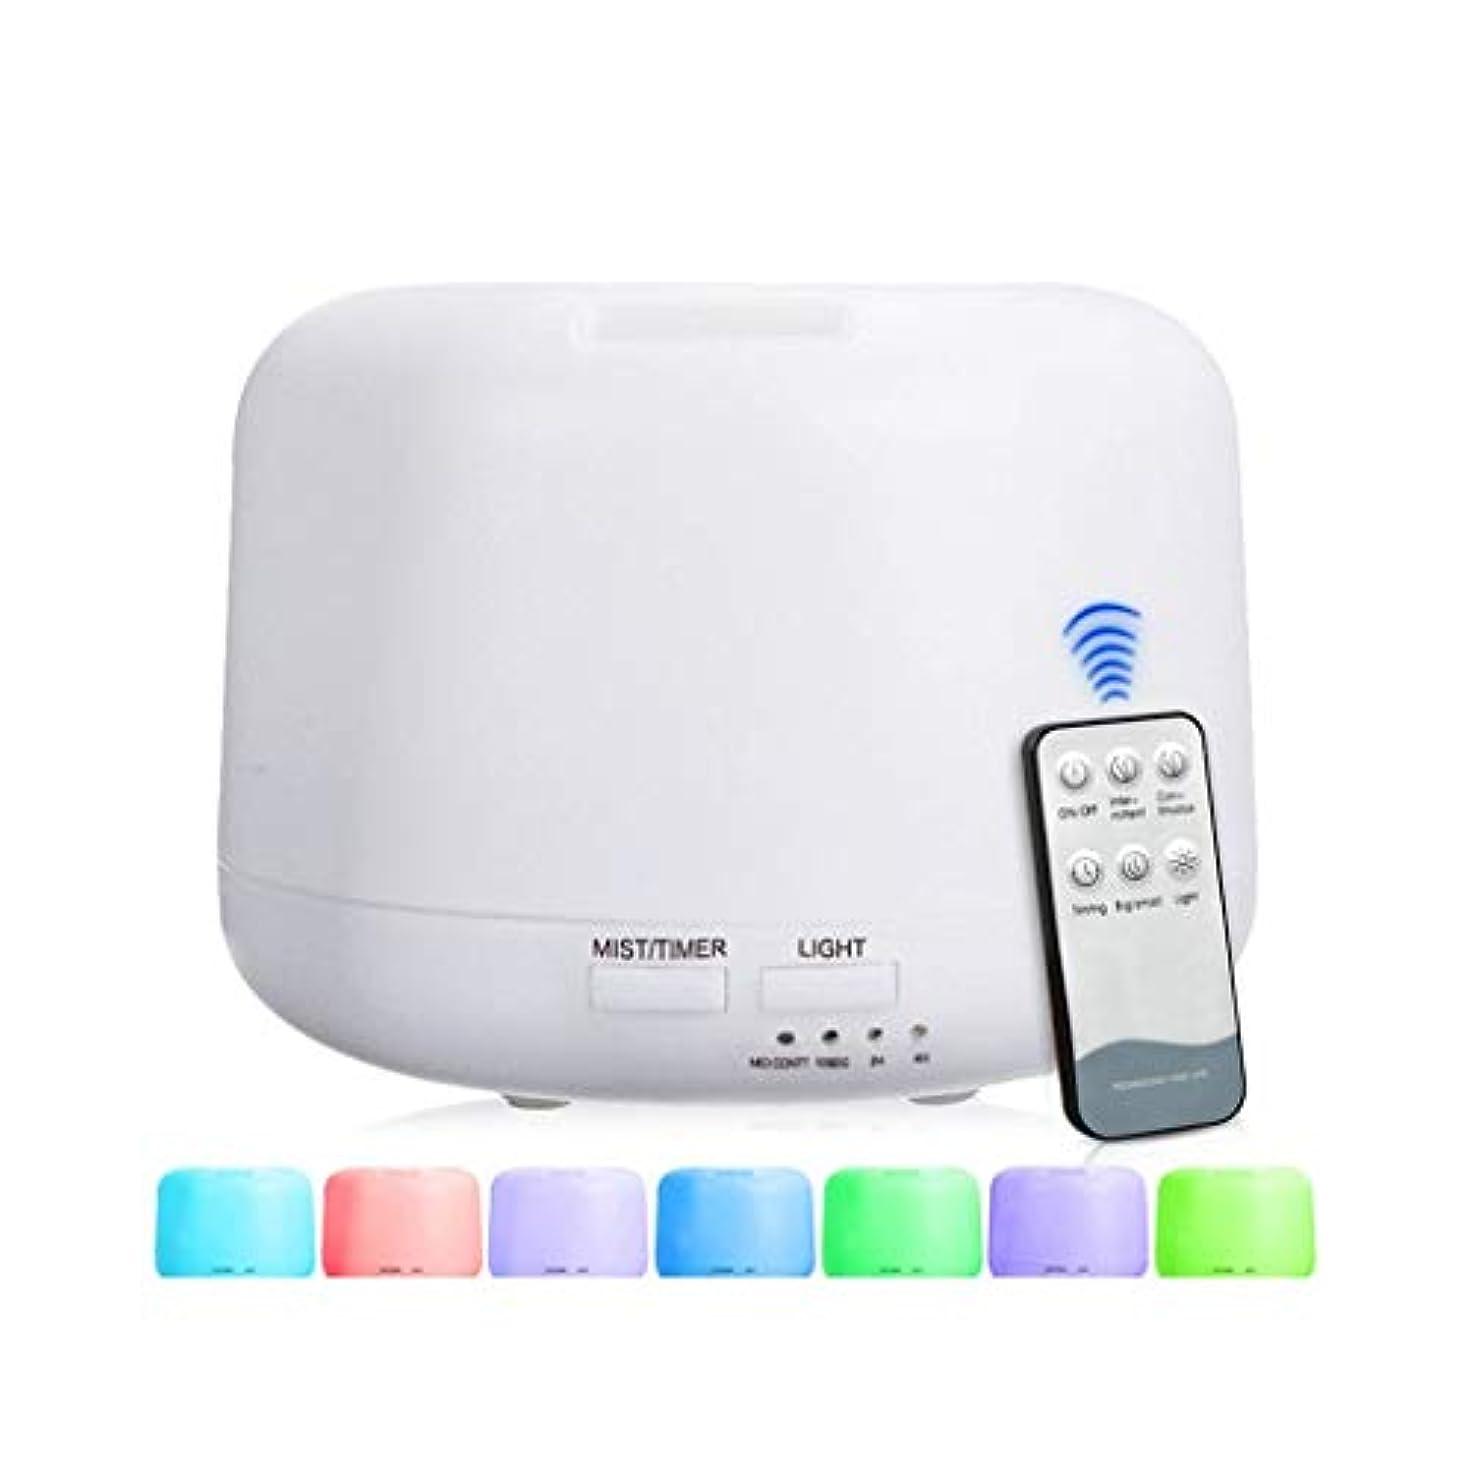 見てトイレ宇宙300 Mlアドバンストディフューザー、超音波蒸発器加湿器、タイマーおよび自動遮断安全スイッチ、7 LEDライトカラー (Color : Warm white)